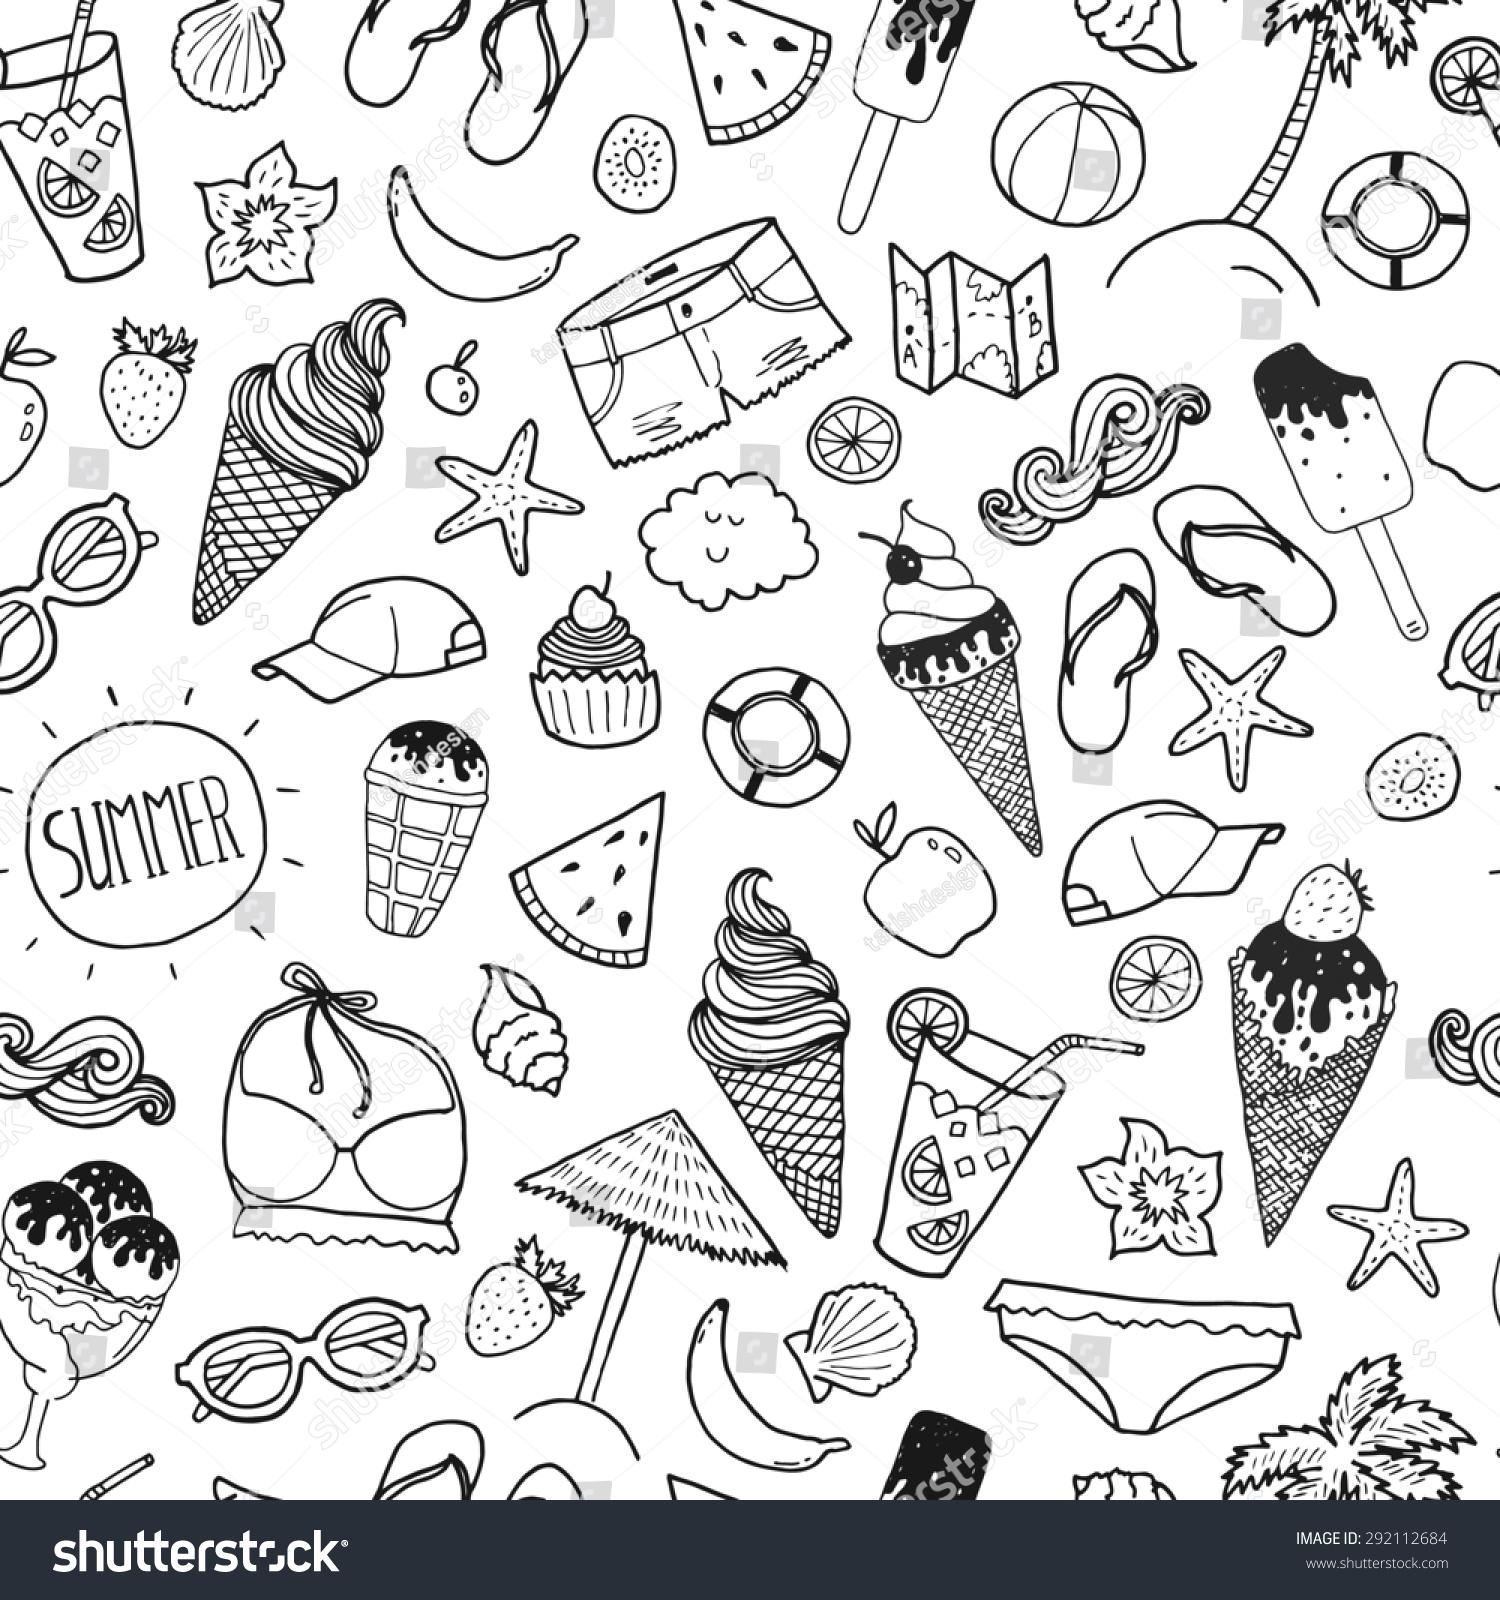 Candy Clipart Lollipop Bonbon Clip Art - Конфеты Вектор Png - Free  Transparent PNG Clipart Images Download